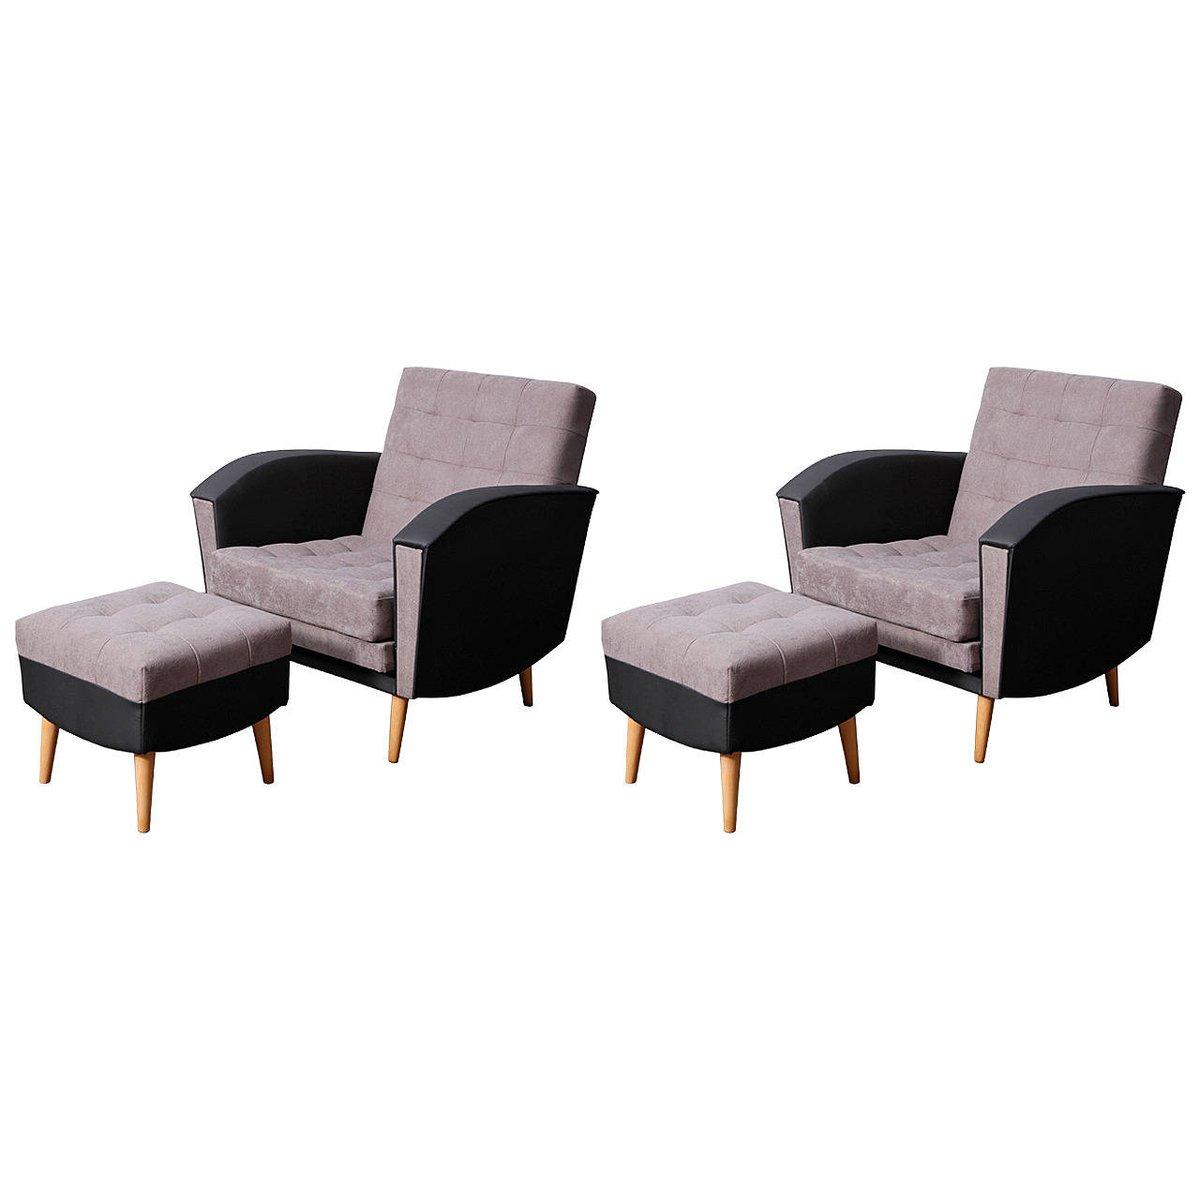 Deutsche Sessel und Hocker, 1960er, 4er Set